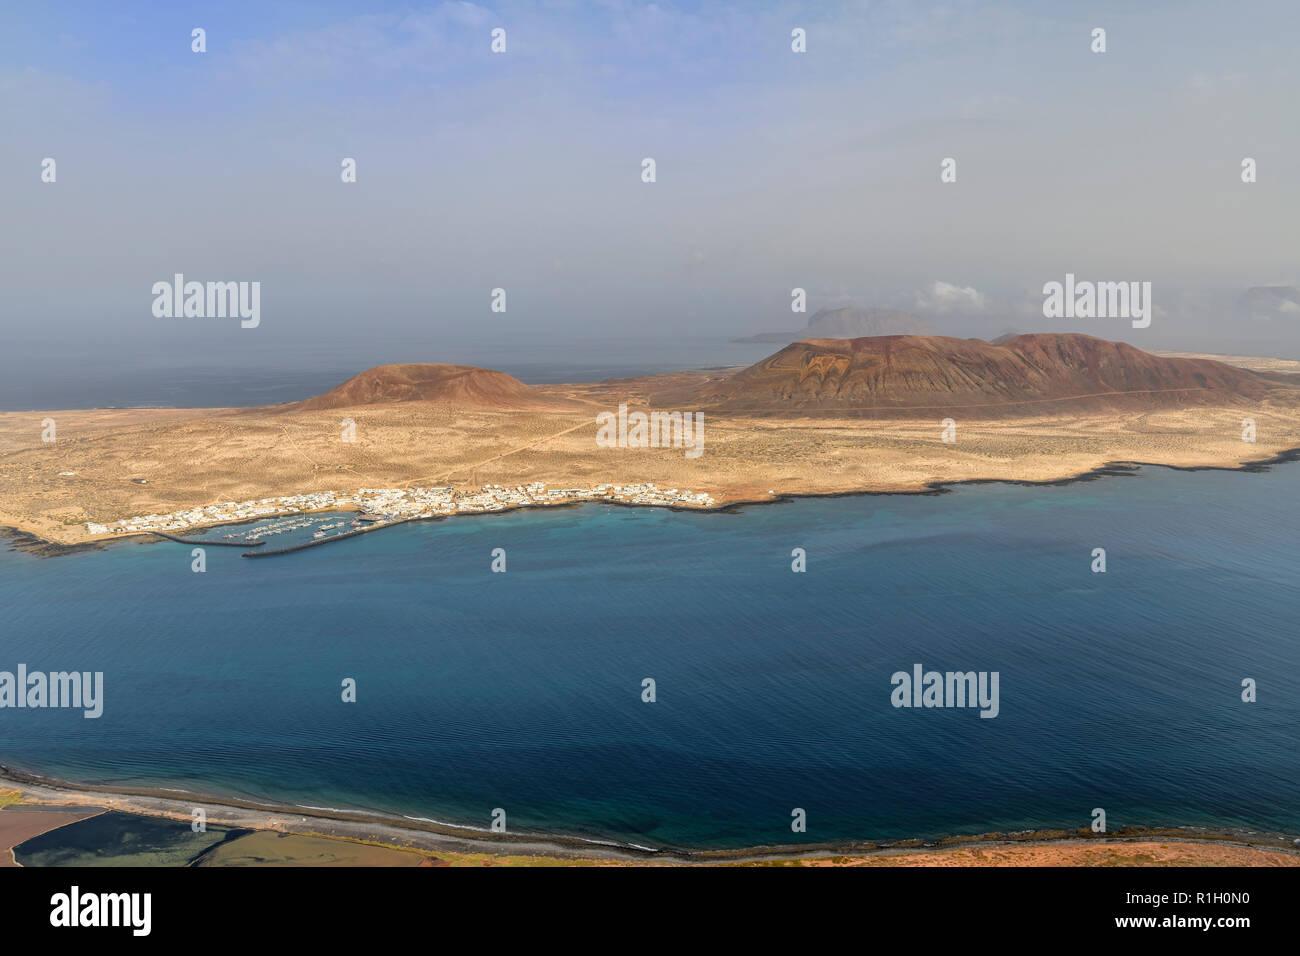 Die kleinen Fischen und touristischen Dorf Caleta del Sebo auf der winzigen Insel La Graciosa neben Lanzarote Kanarischen Inseln. Mount Bermeja ist hinter einer Stockbild